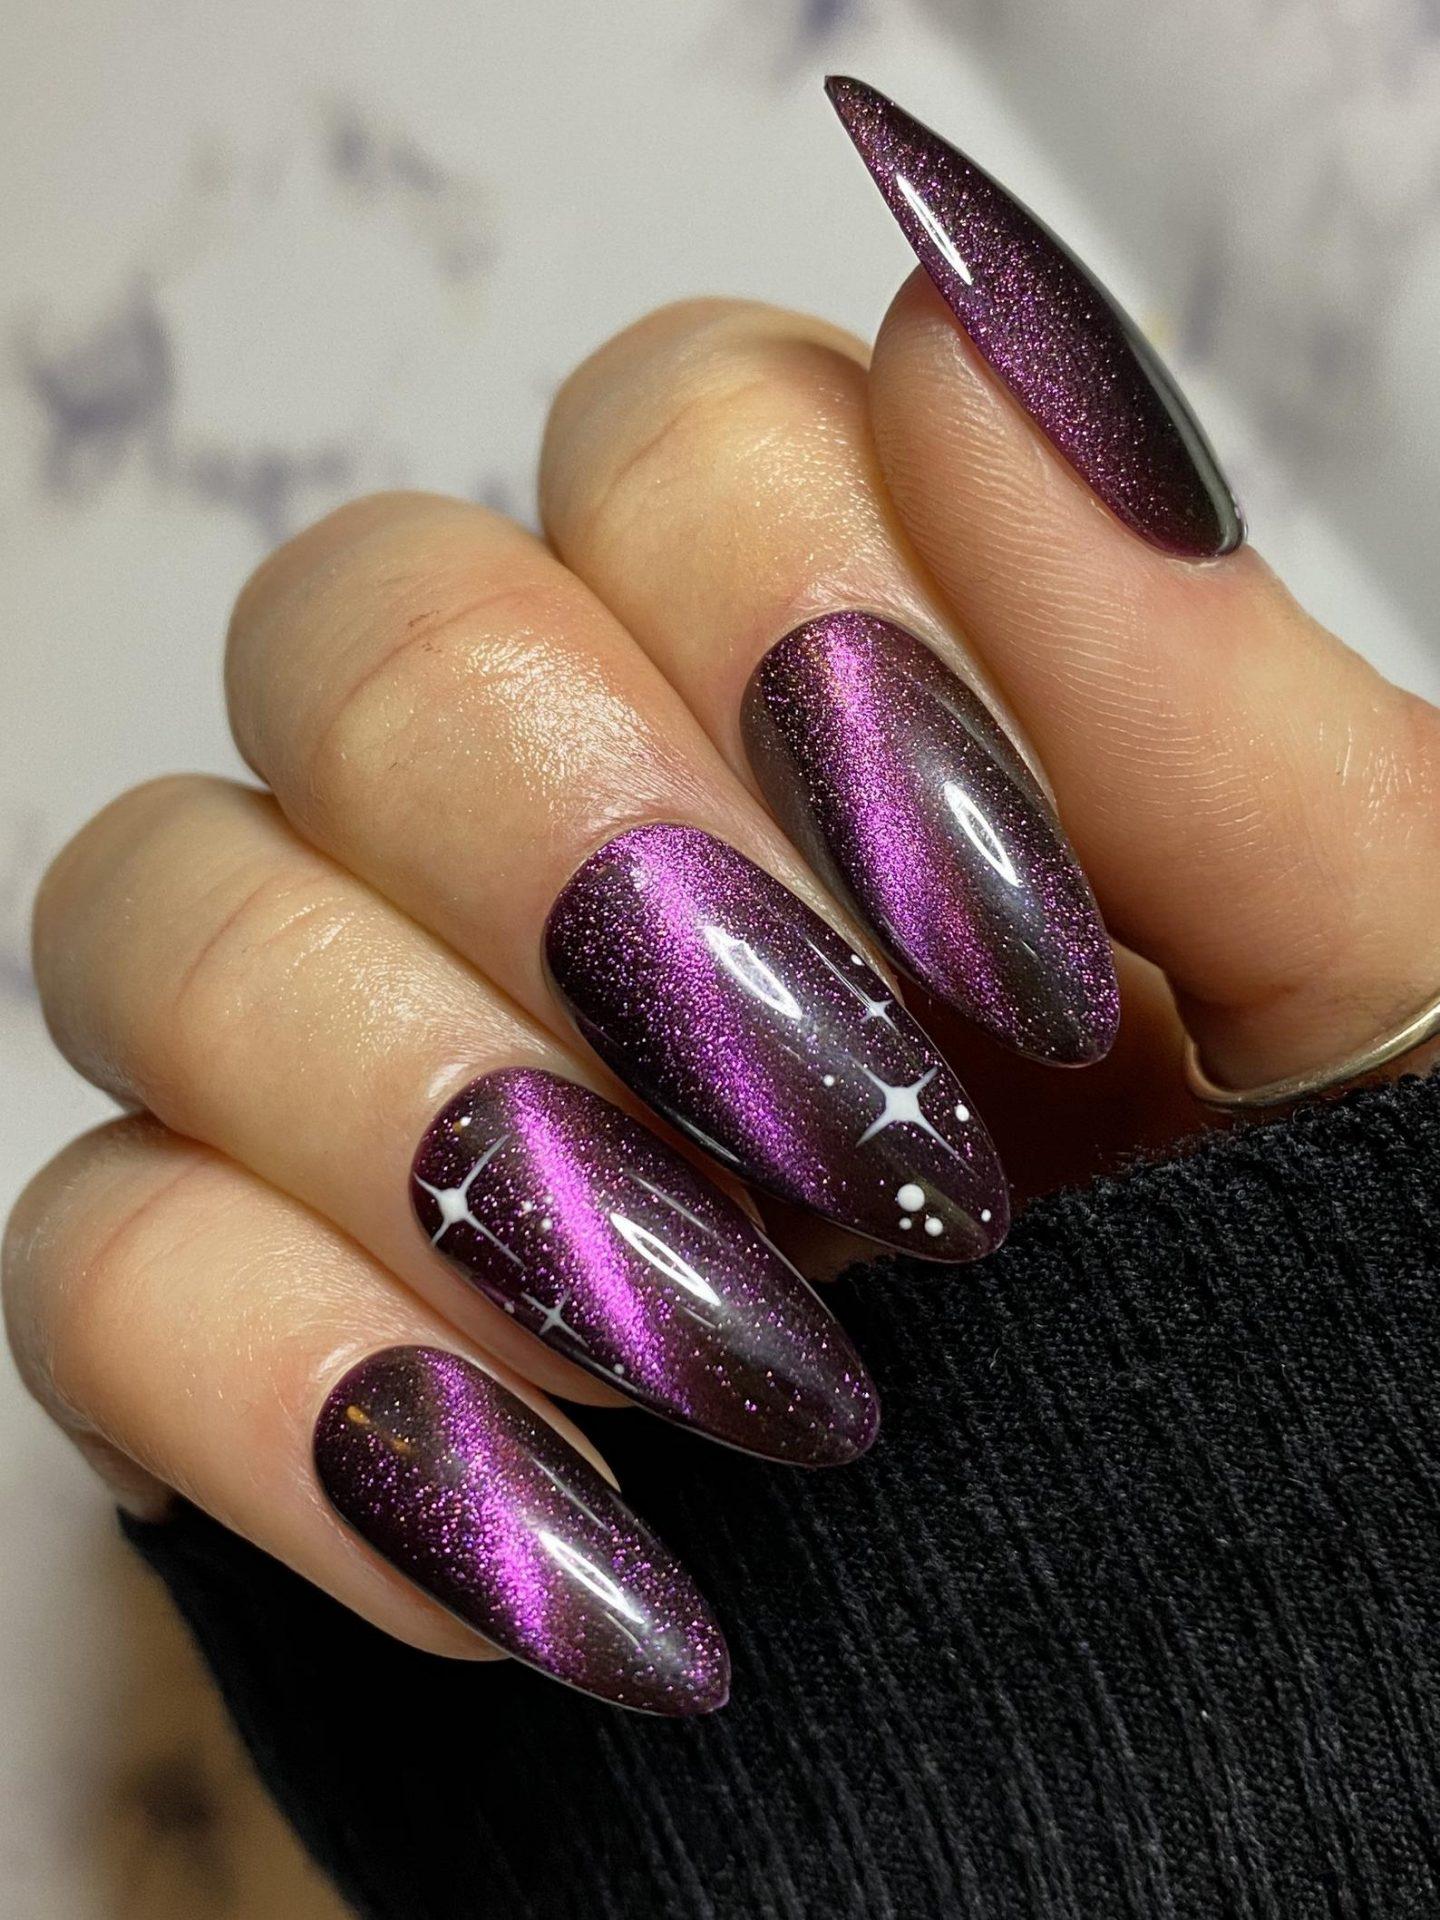 Black and purple glitter nail designs